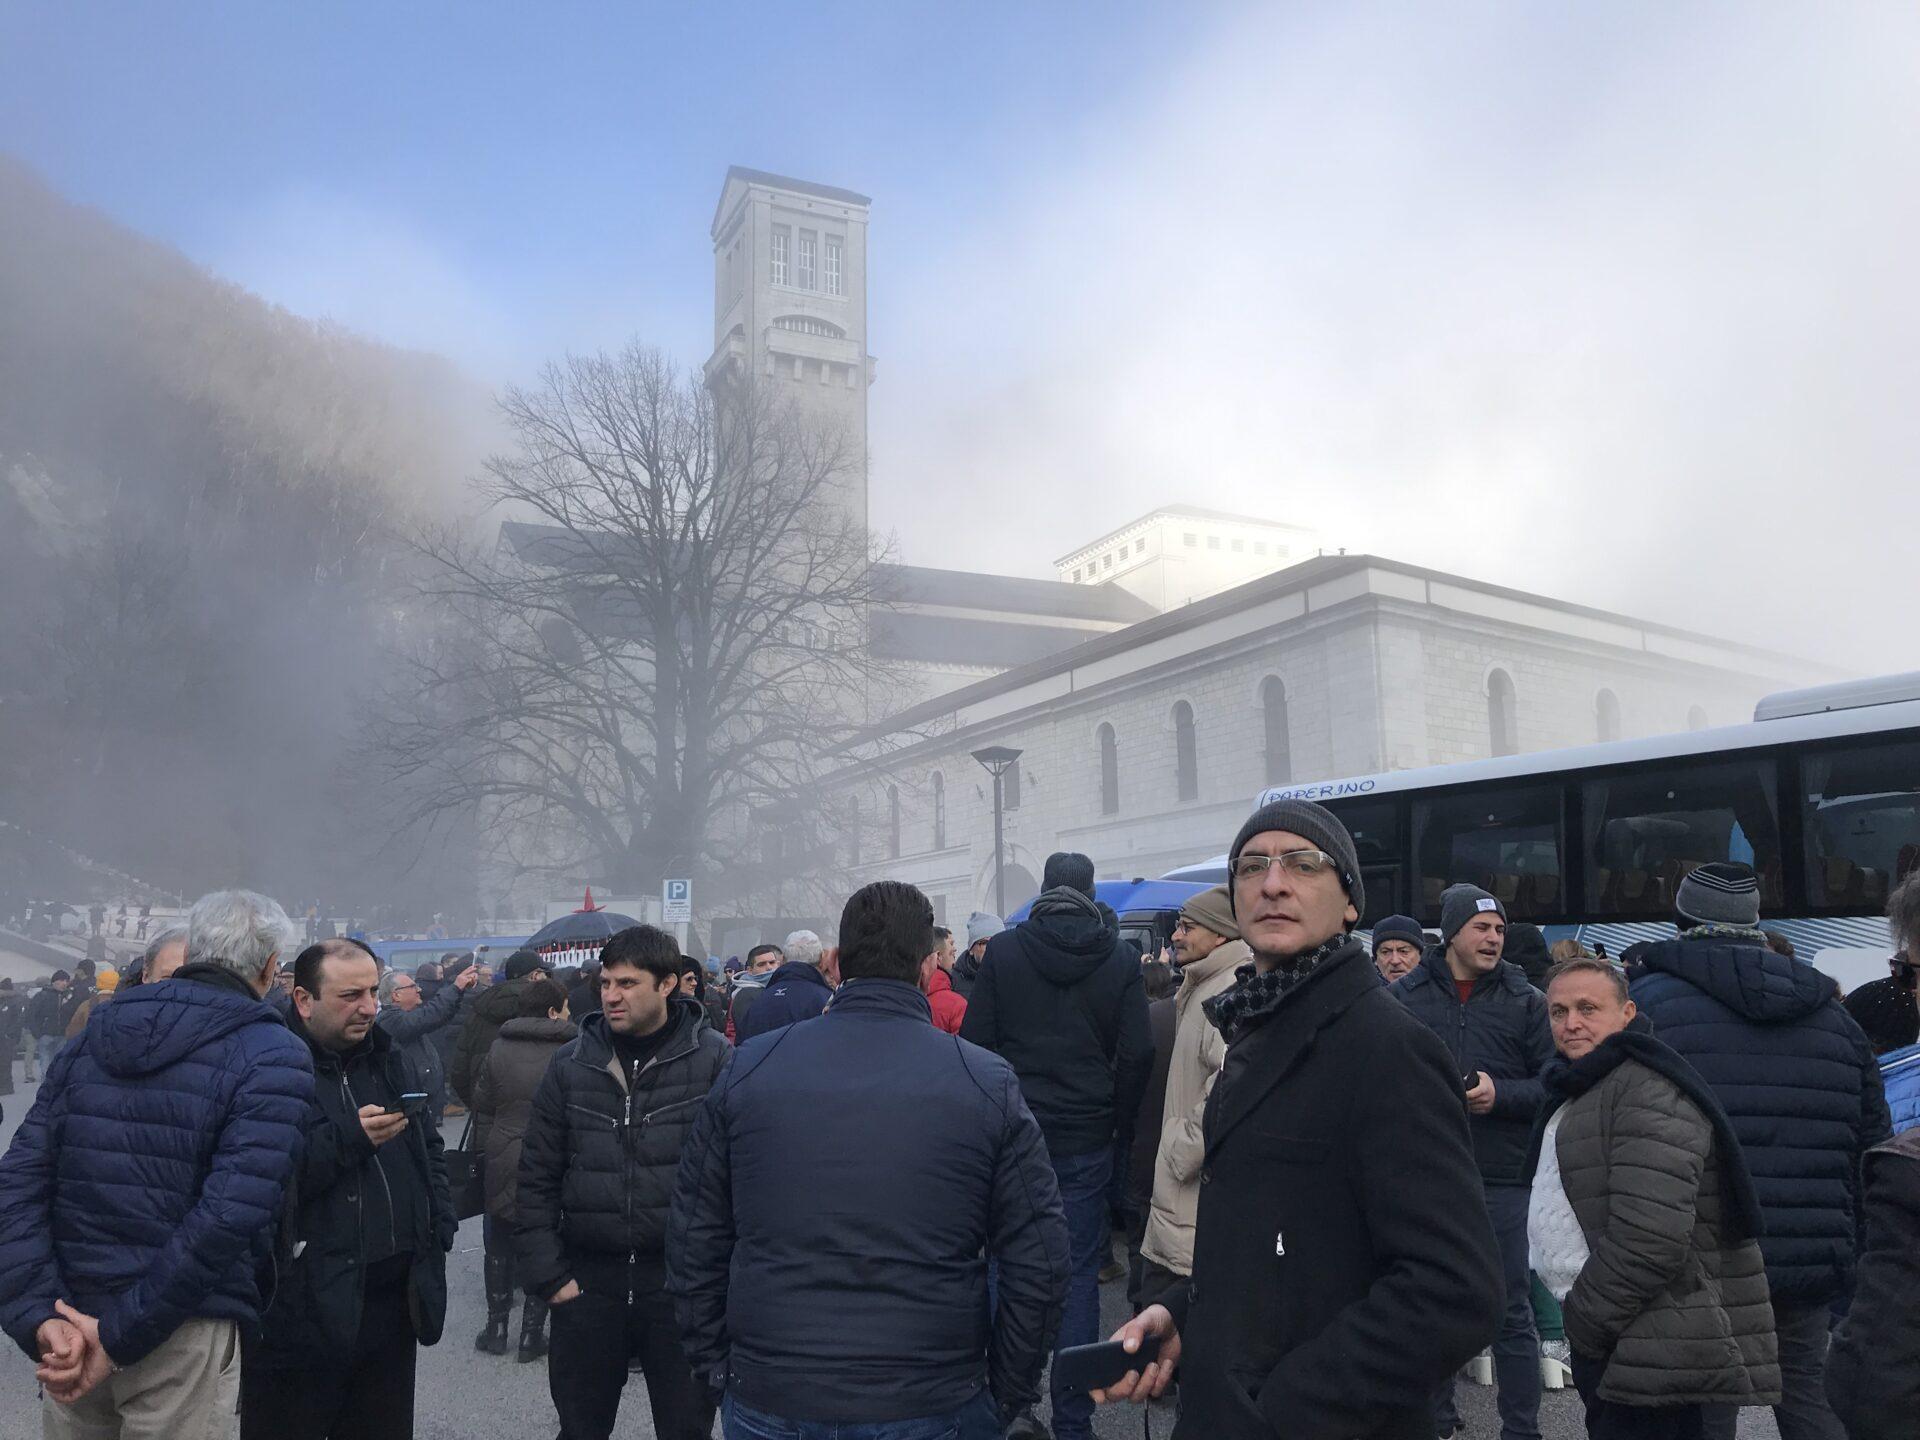 Die Nebel kommen und gehen